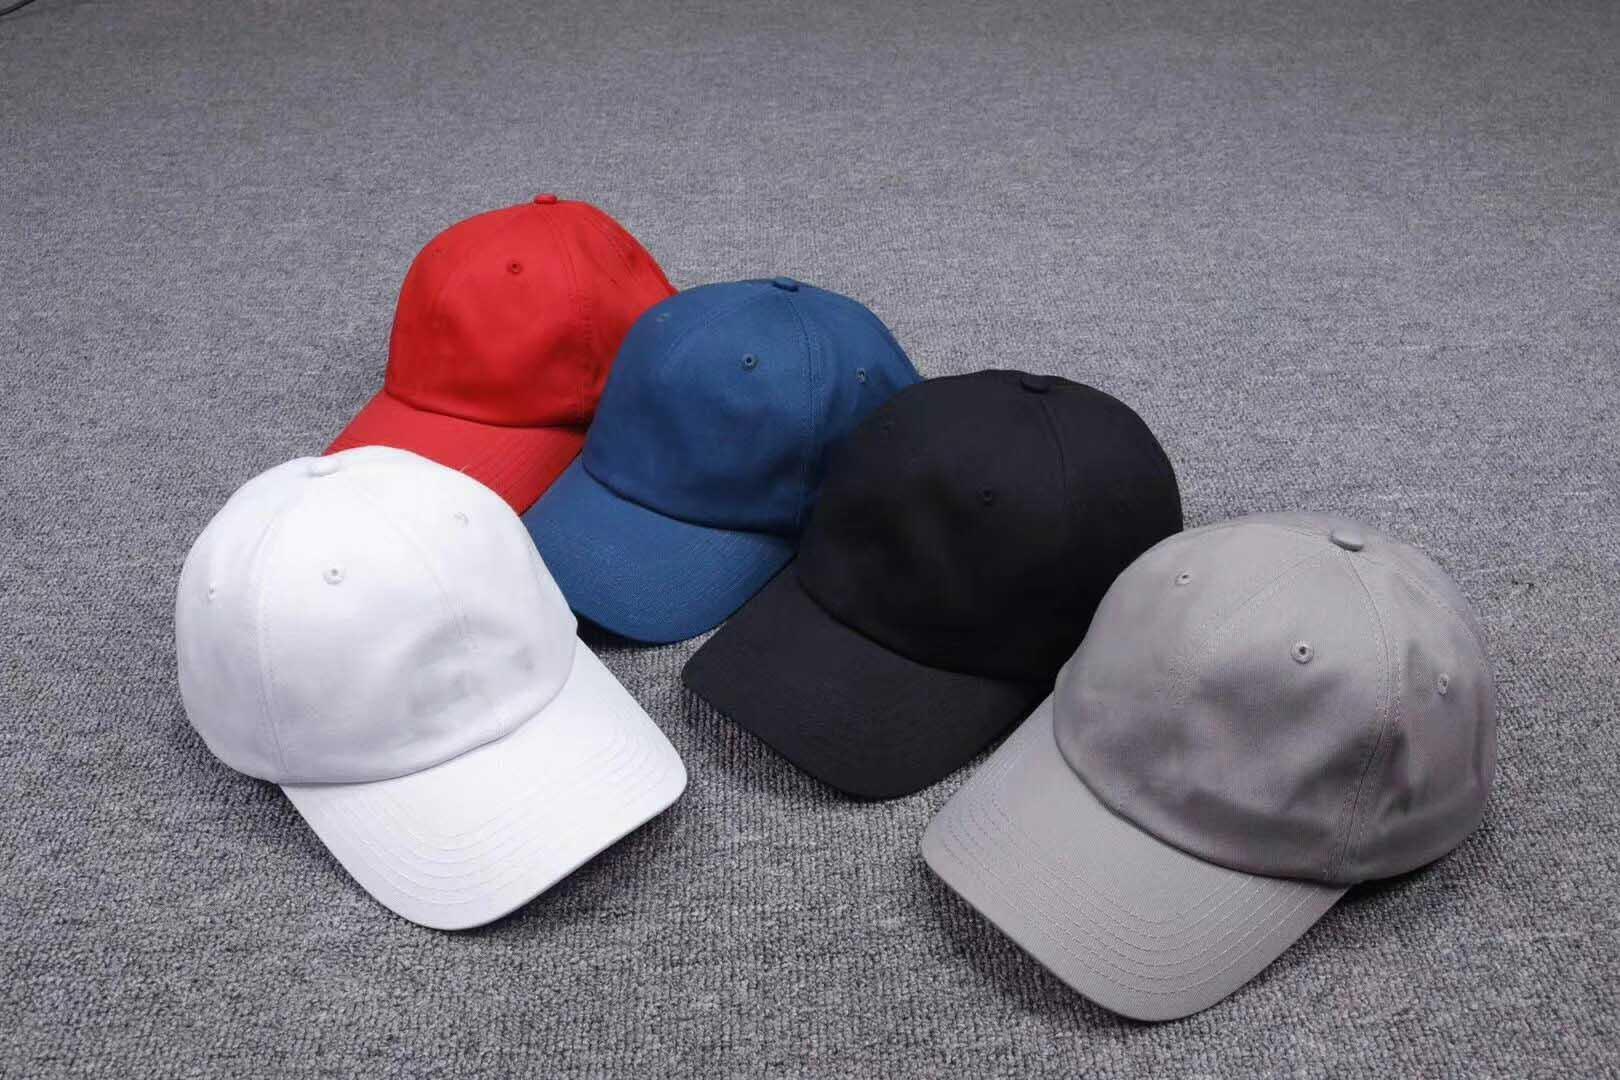 BLACK Rebel CAPPUCCIO UNISEX BASEBALL BASECAP SNAPBACK CAP retrò vintage